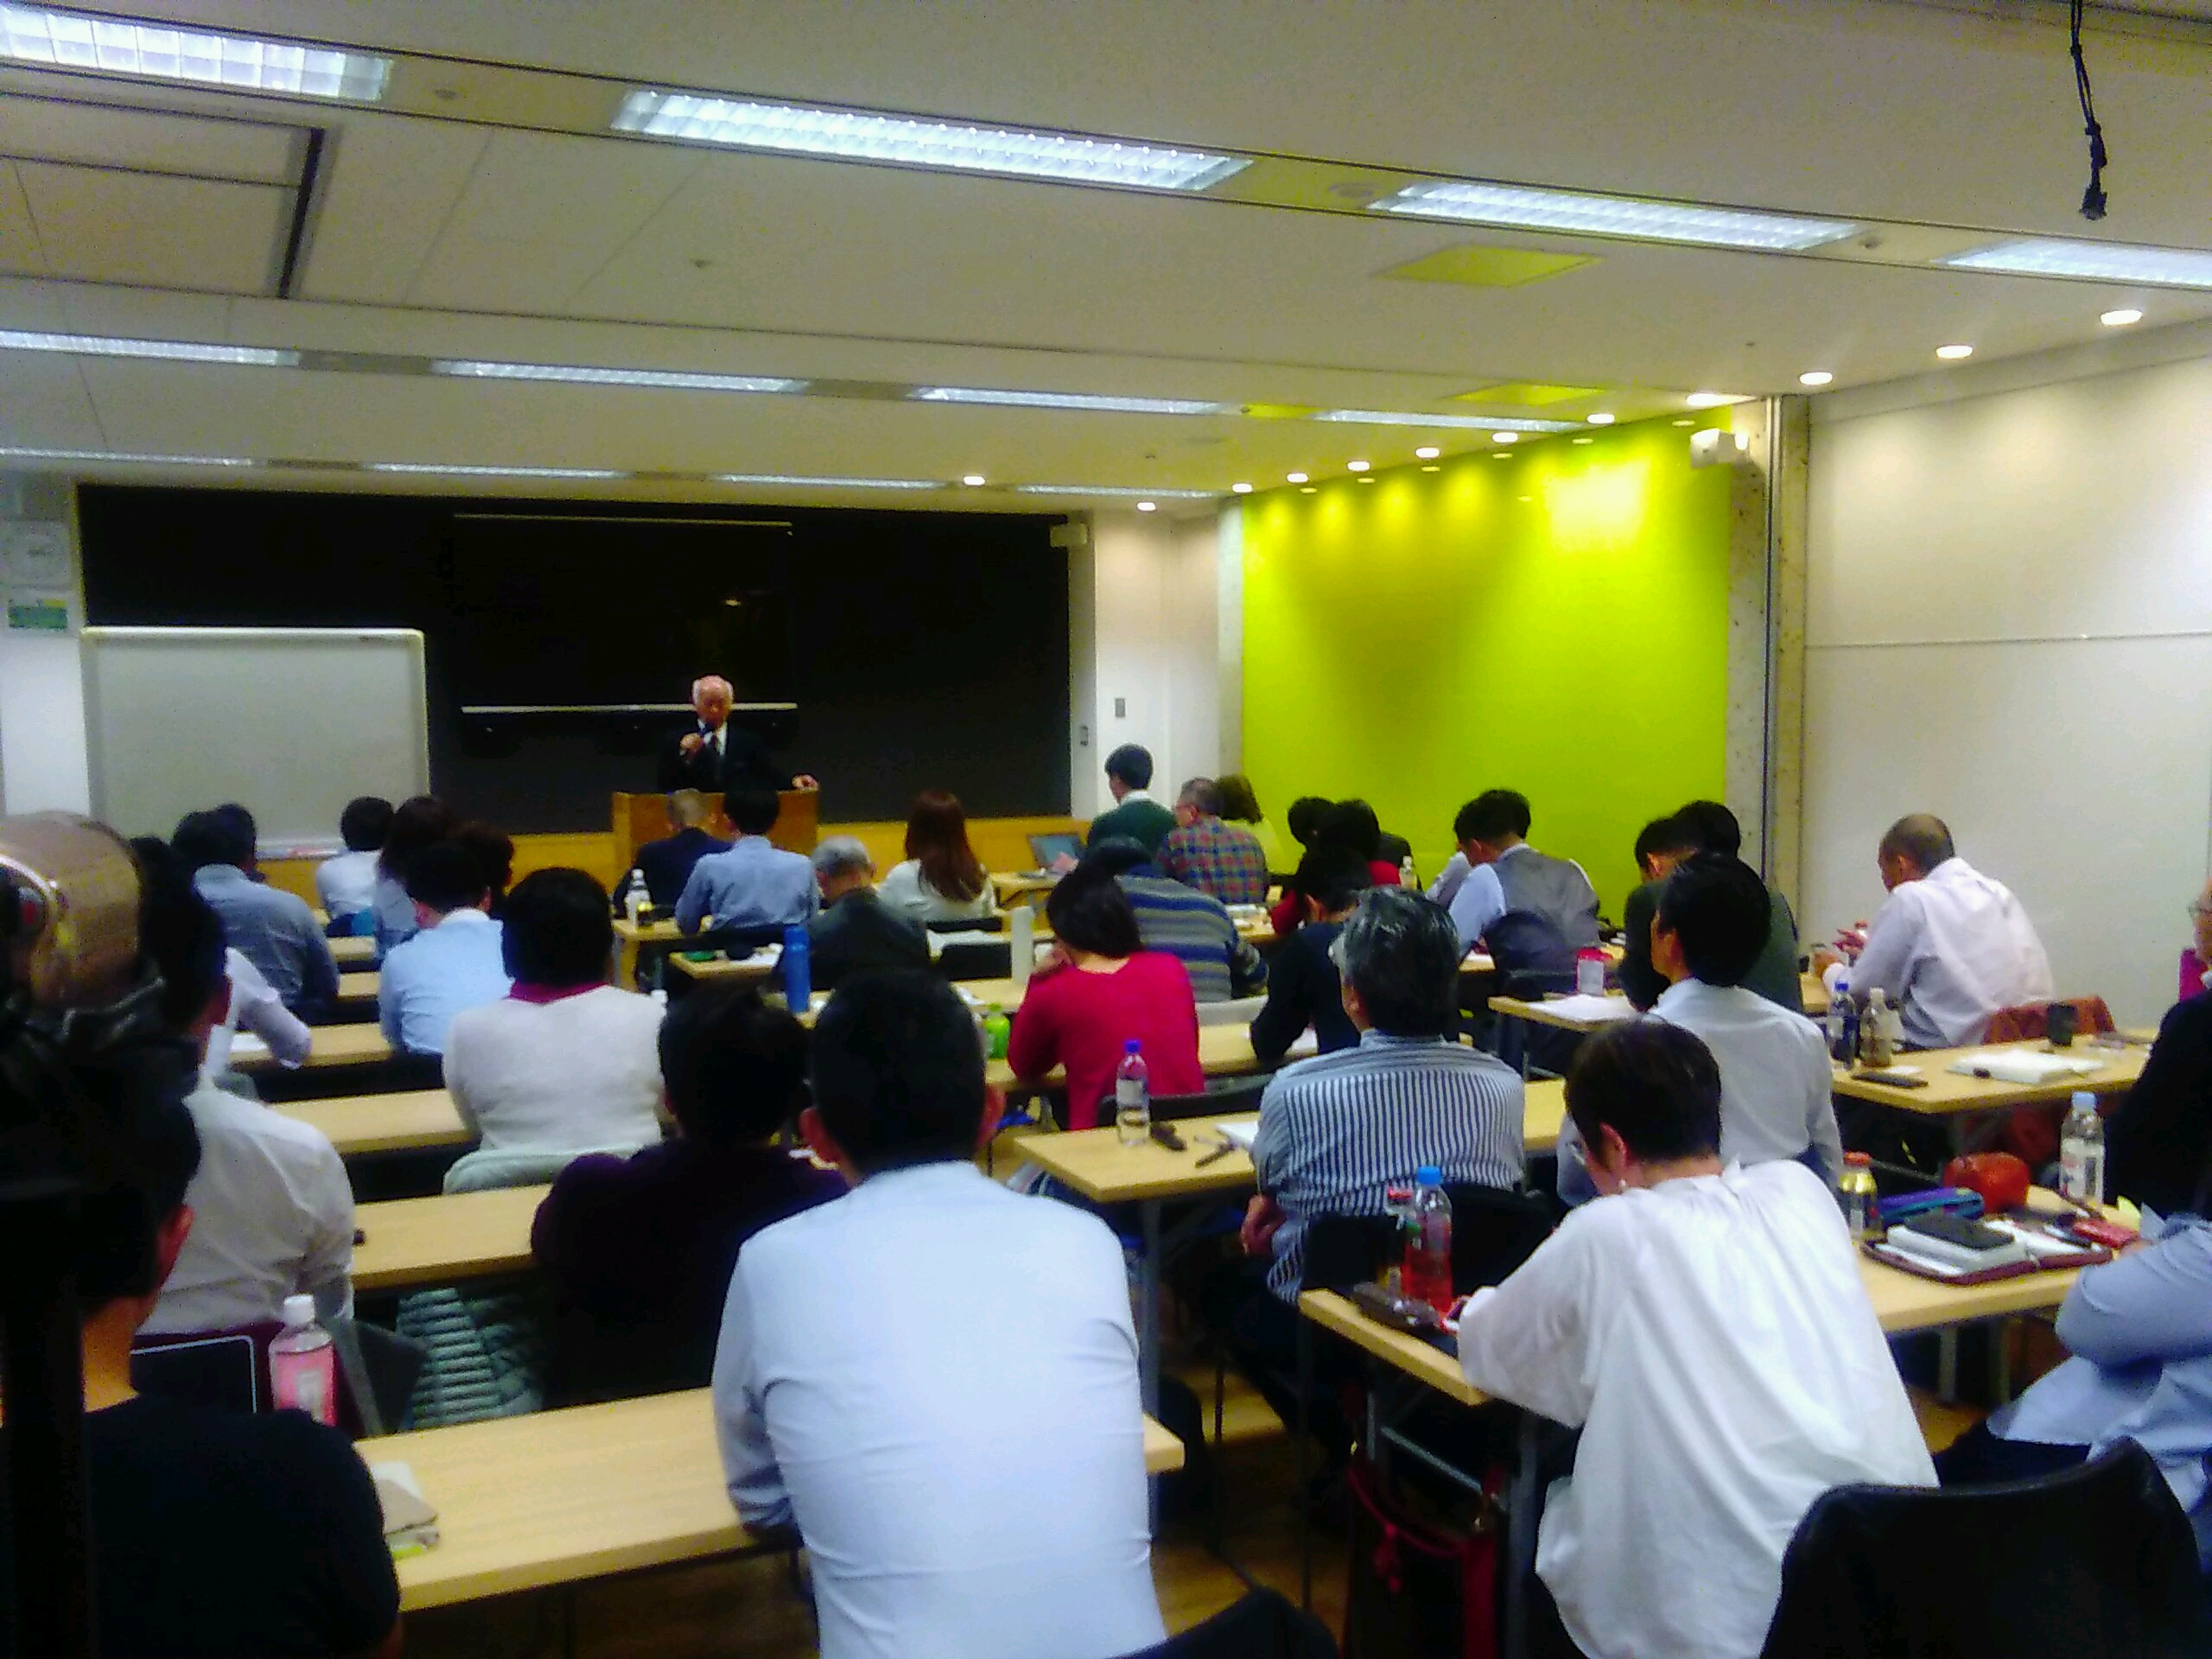 20181201151002 - 2018年12月1日(土)第6回東京思風塾開催しました。